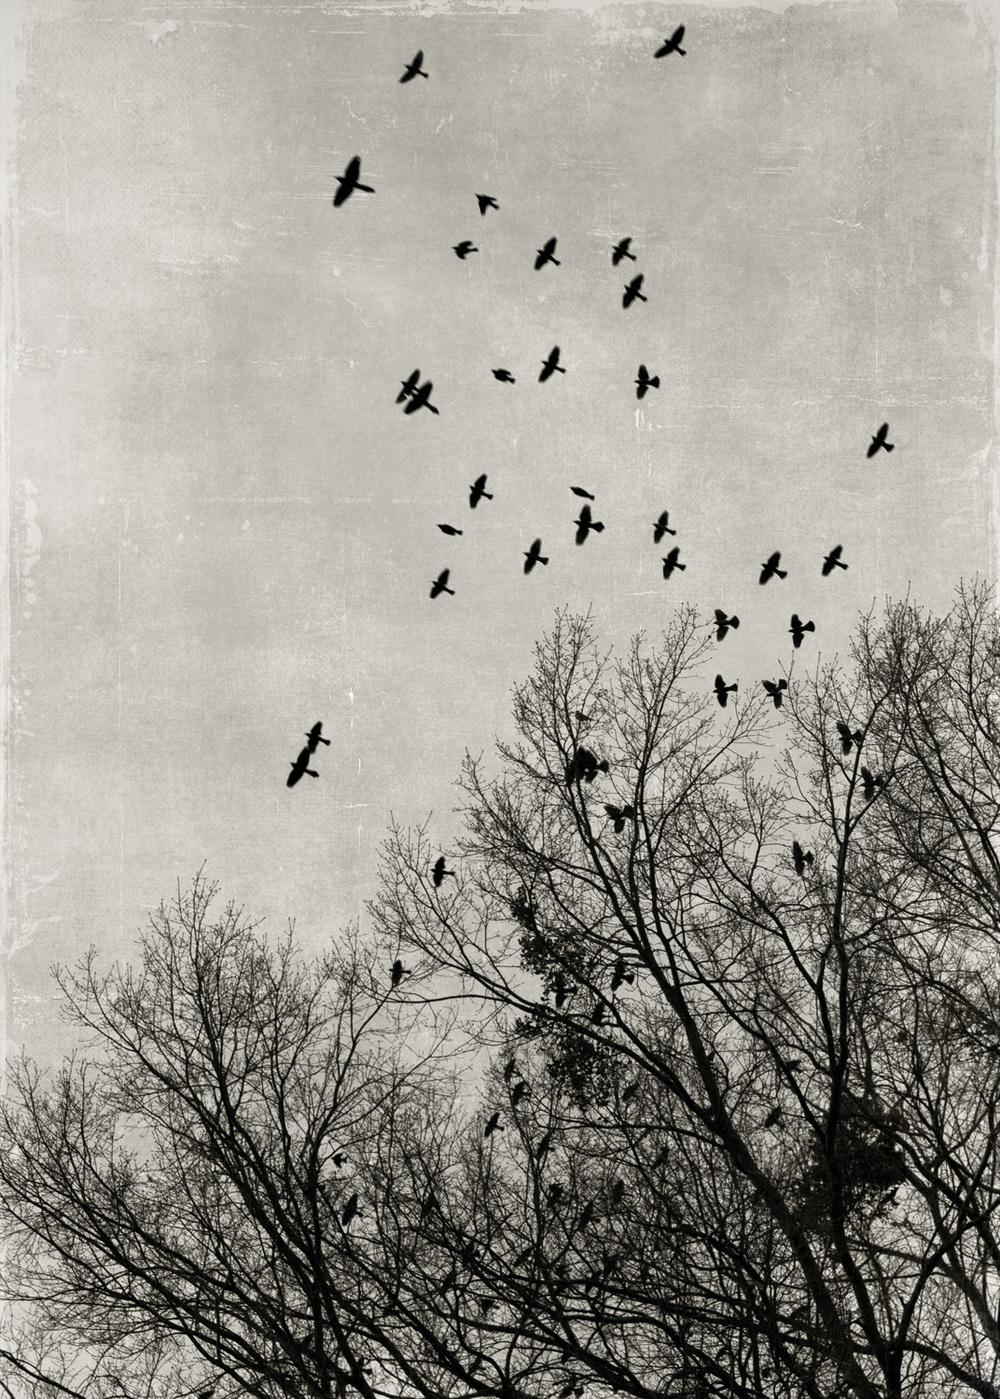 birds_at_dusk_02-7x5-7080.jpg